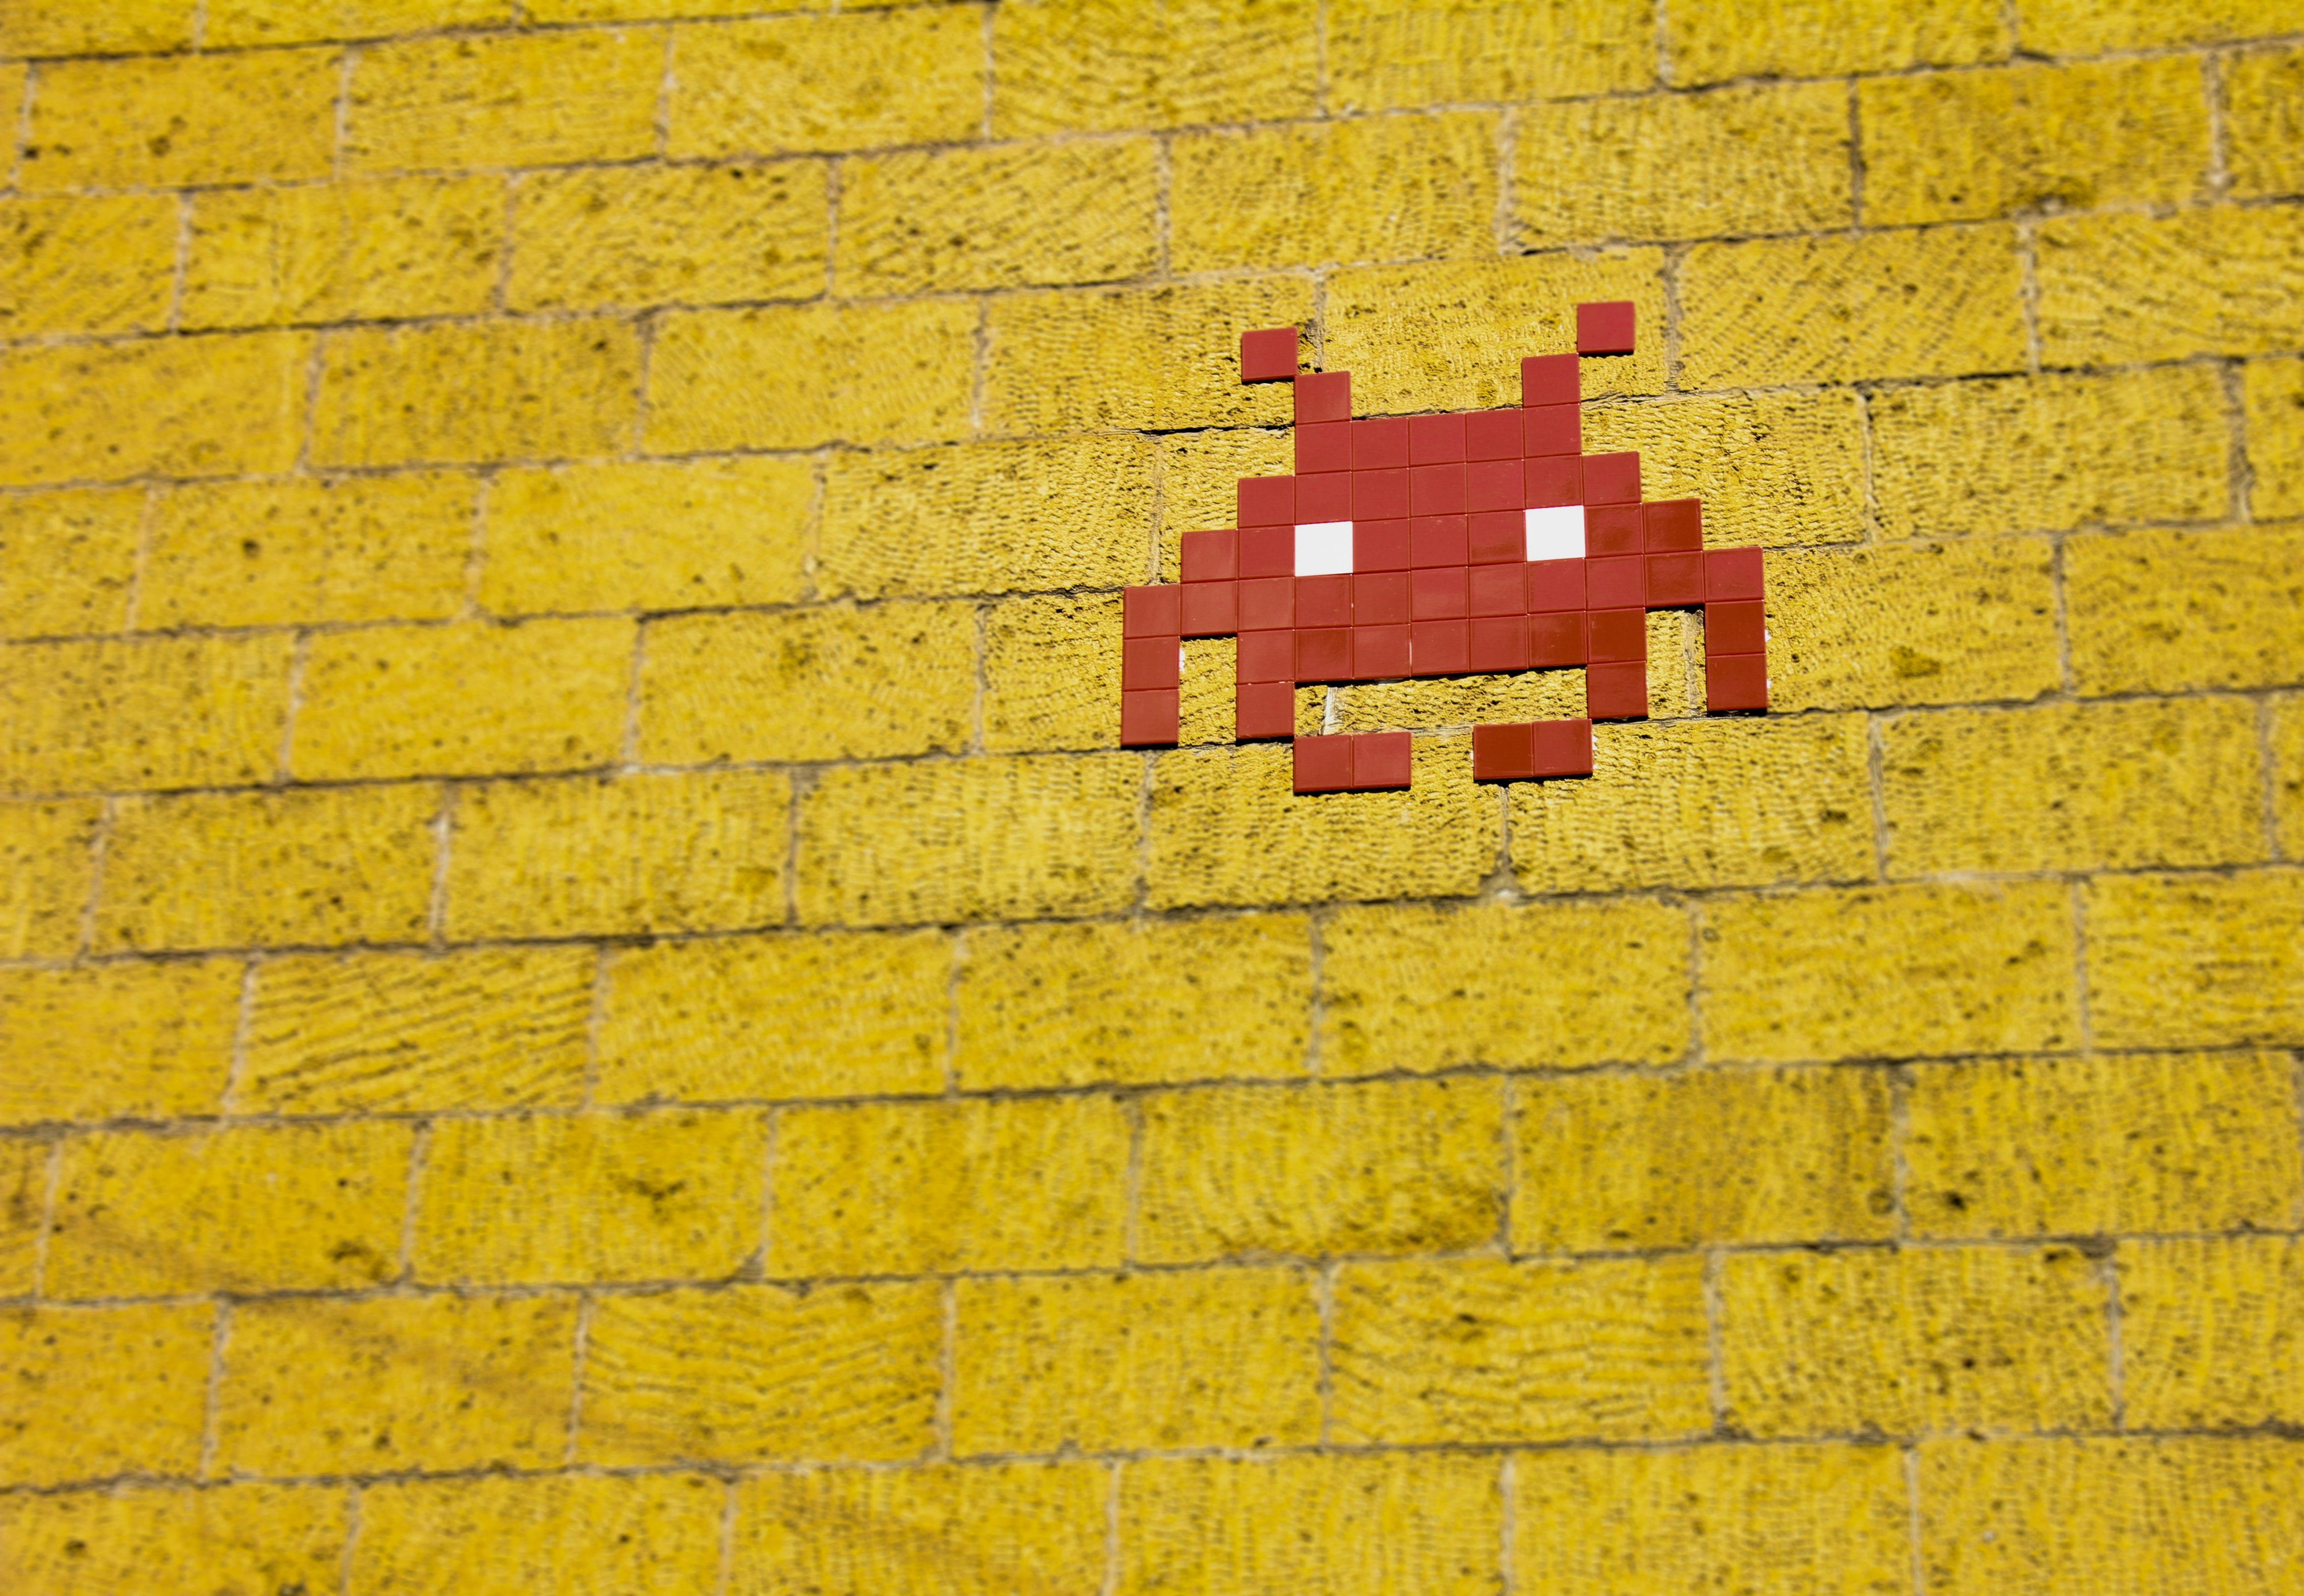 mosaic-alien-on-wall-1670977.jpg